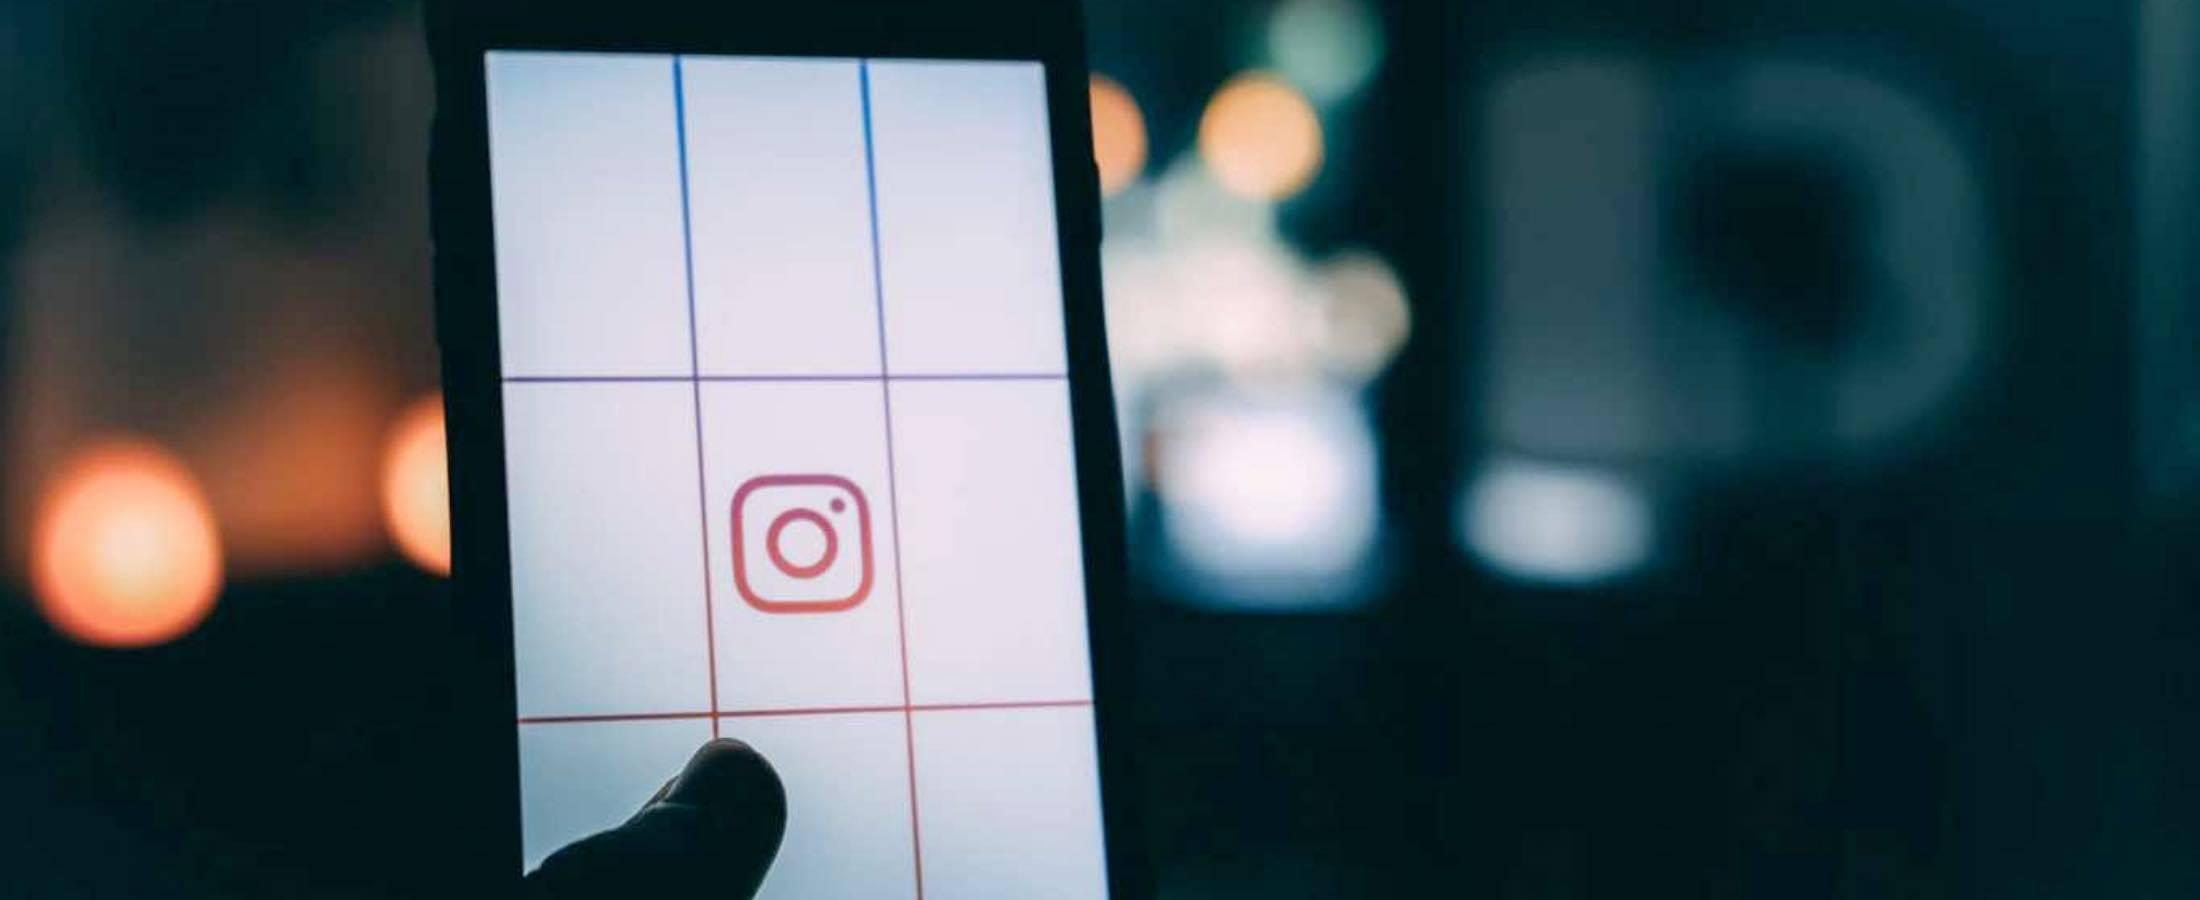 agence publicité sur linkedin facebook instagram pinterest campagne google SEA SMA social media réseaux sociaux médias